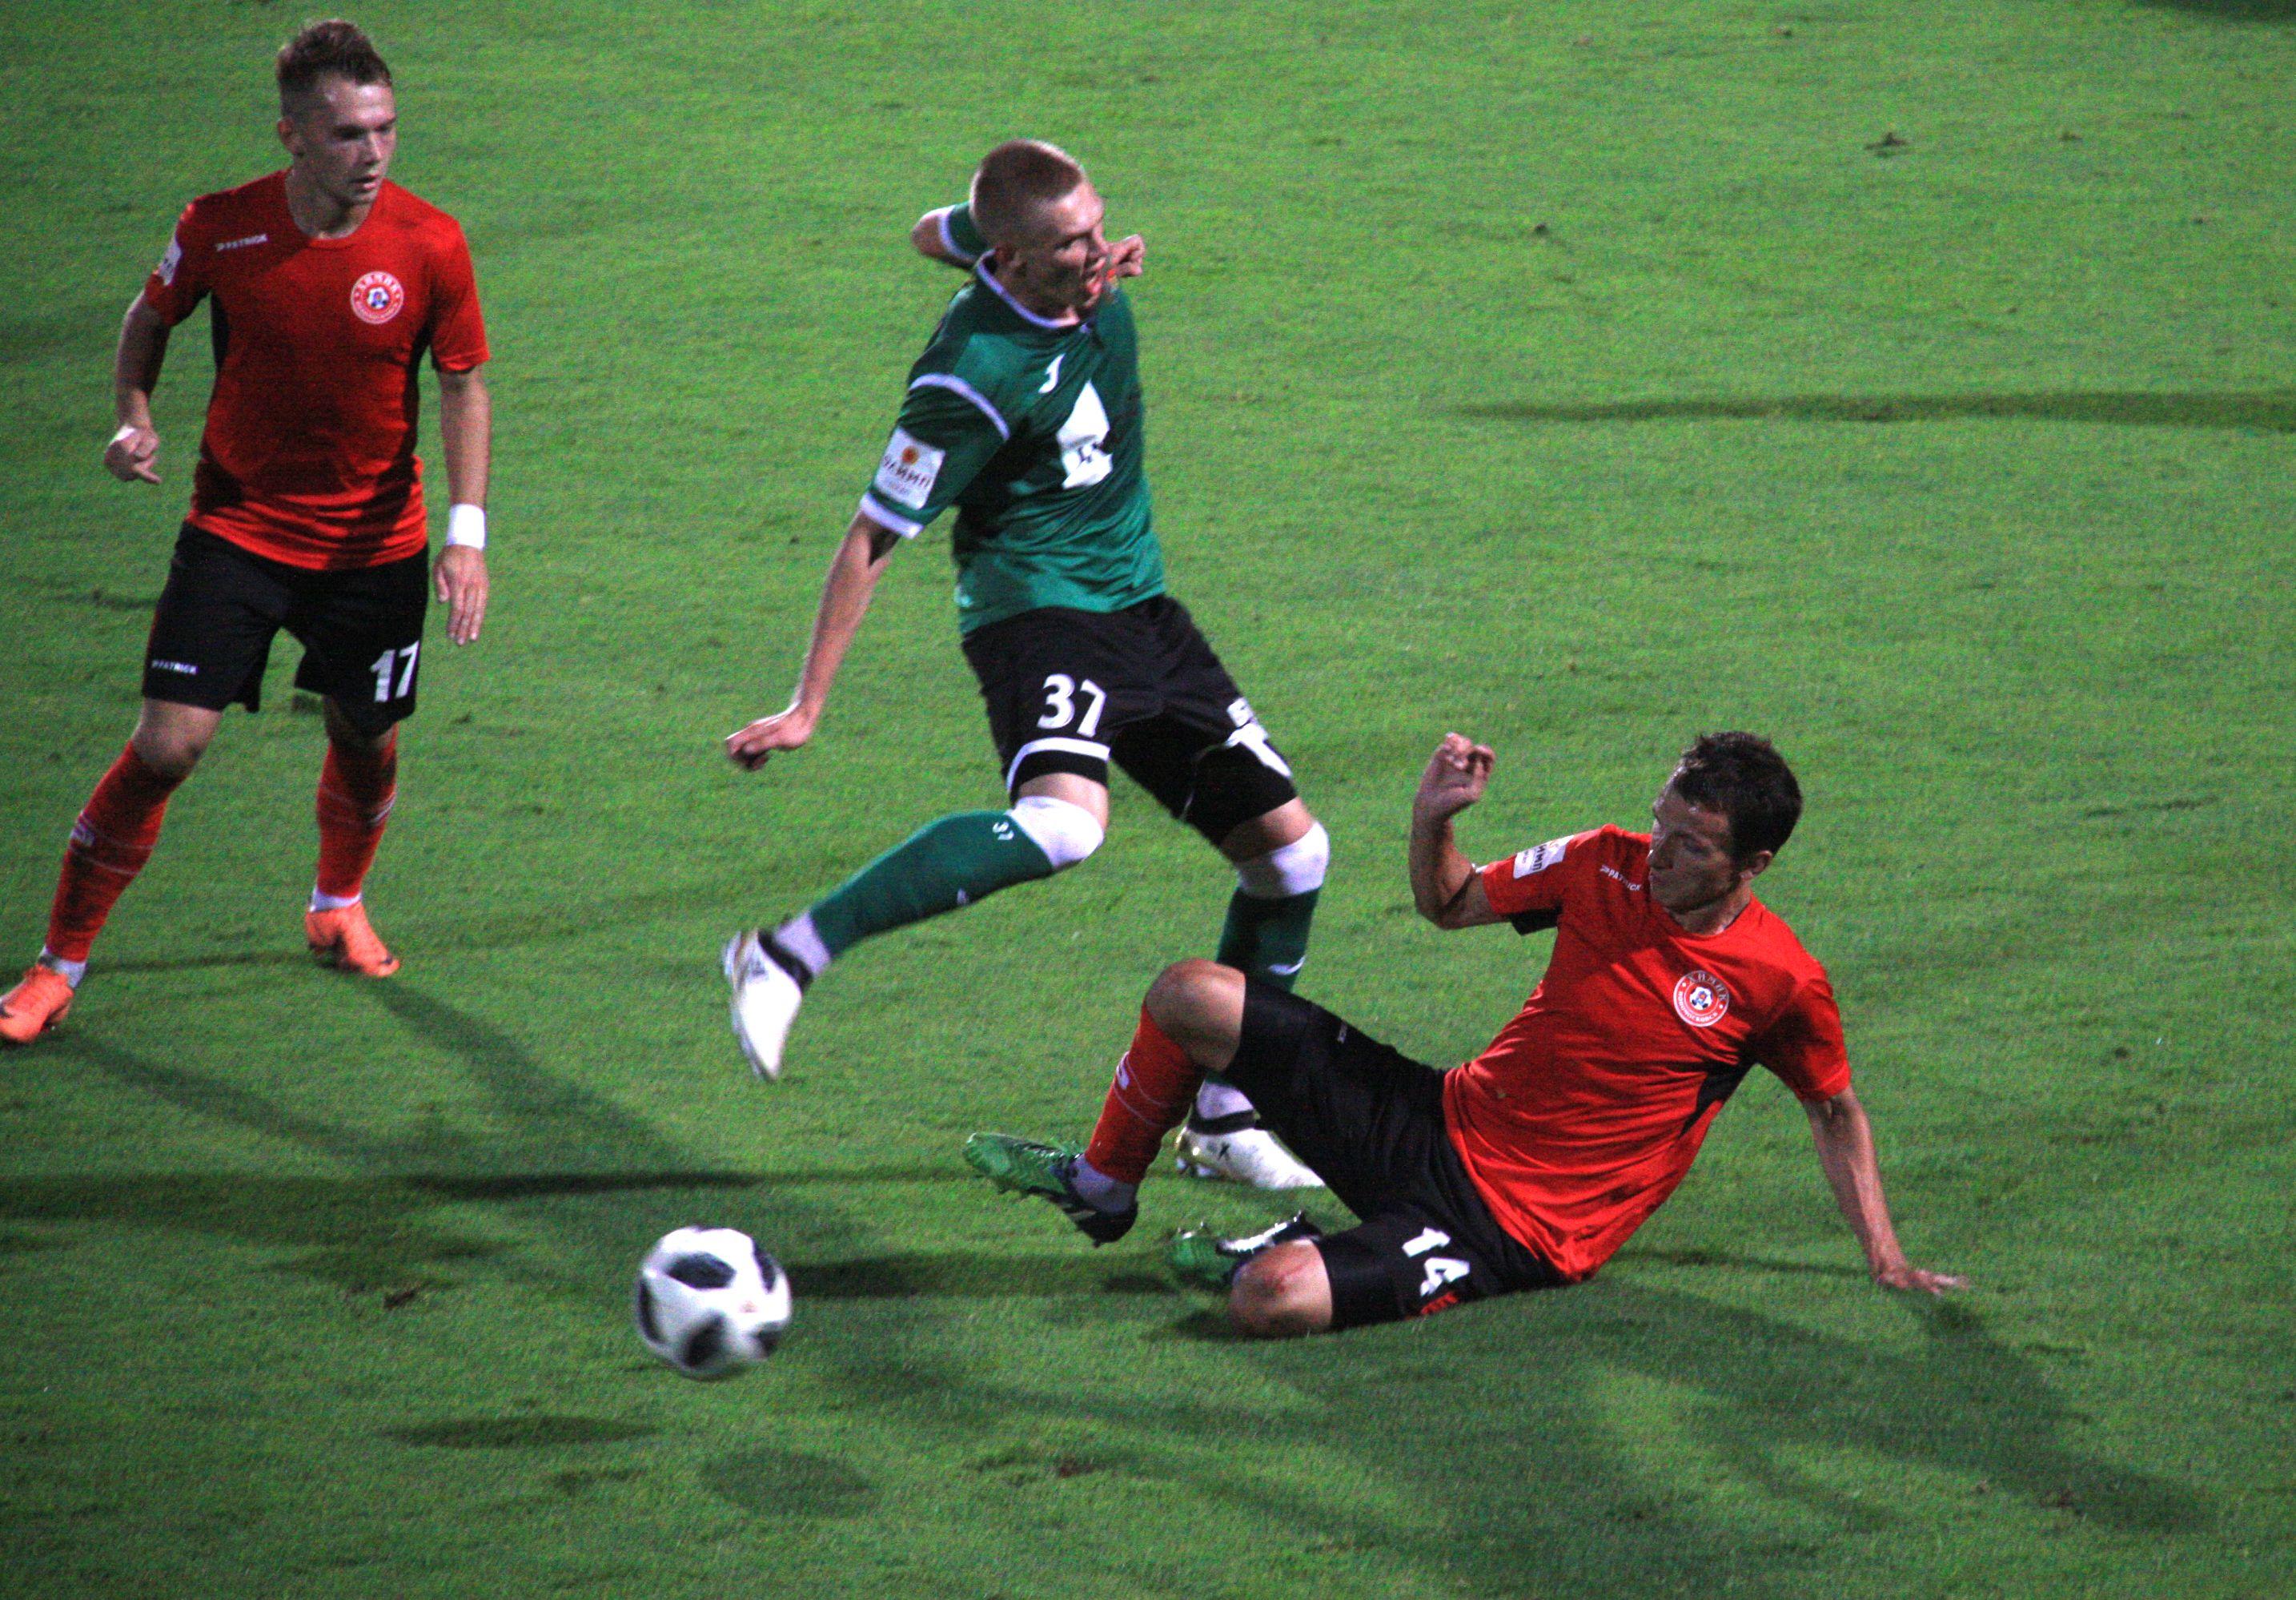 Спортсмены из Роговского сразятся на турнире по футболу. Фото: Павел Волков, «Вечерняя Москва»